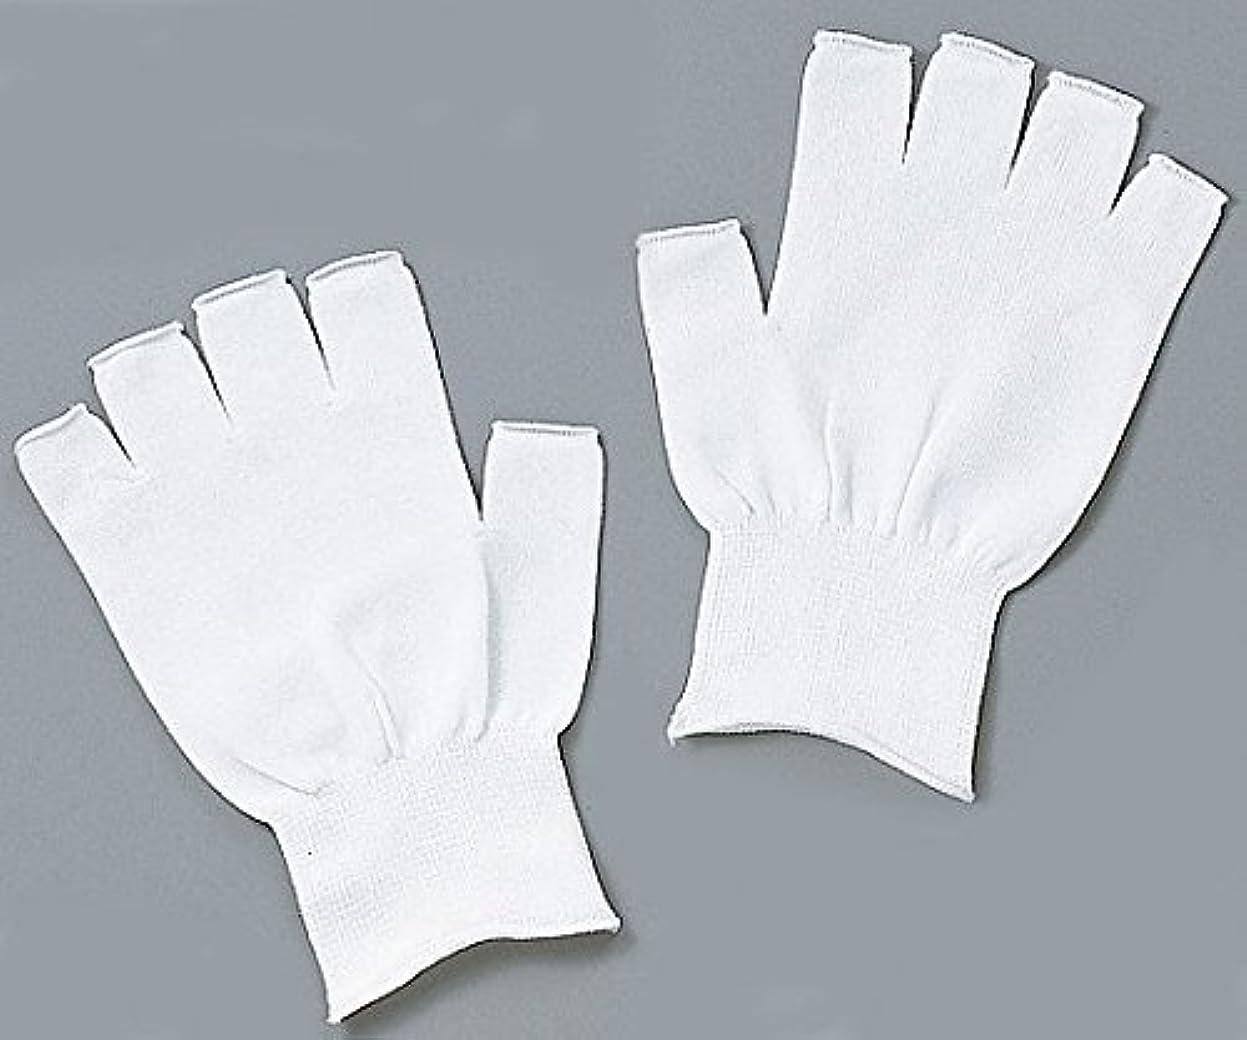 アーネストシャクルトン精神医学バングアズピュア(アズワン)1-4293-01アズピュアインナー手袋指先無しフリー10双20枚